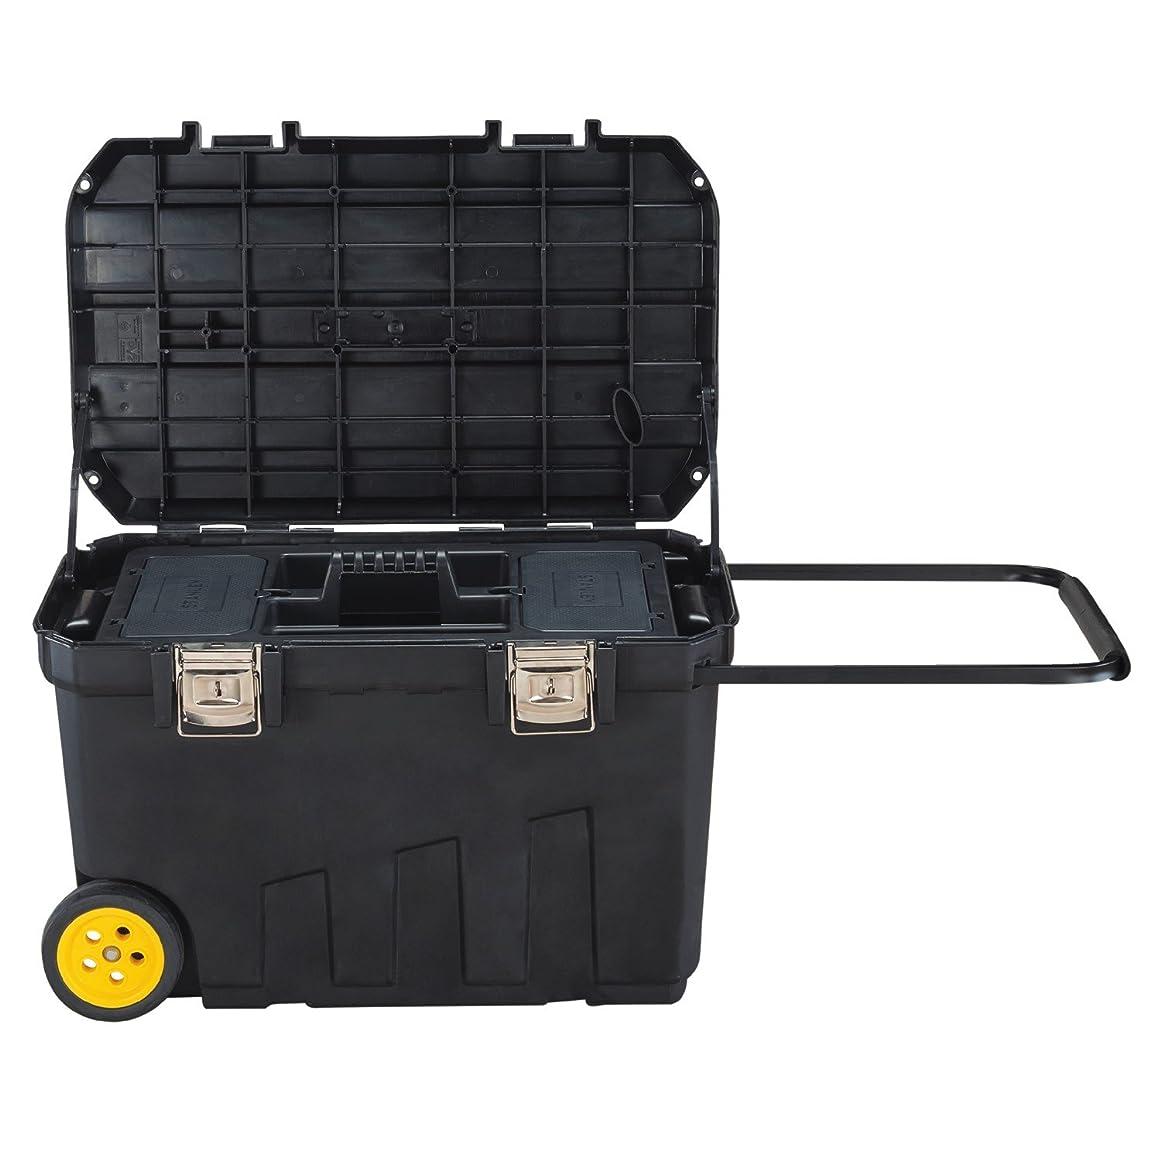 スナックメタルライン解凍する、雪解け、霜解けStanley 029025R 24 Gallon Mobile Chest by Stanley